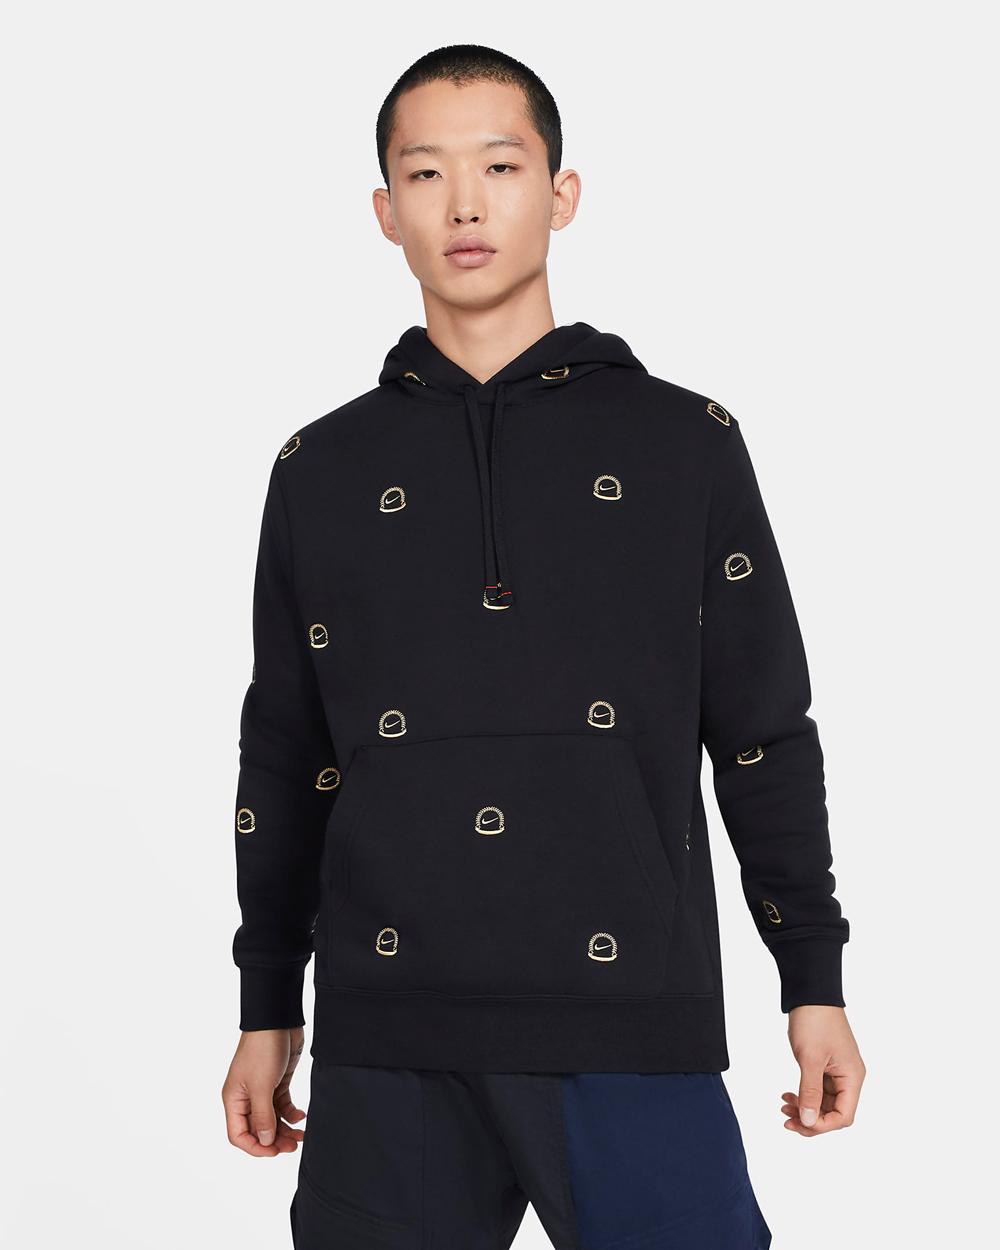 nike-club-fleece-hoodie-black-gold-1